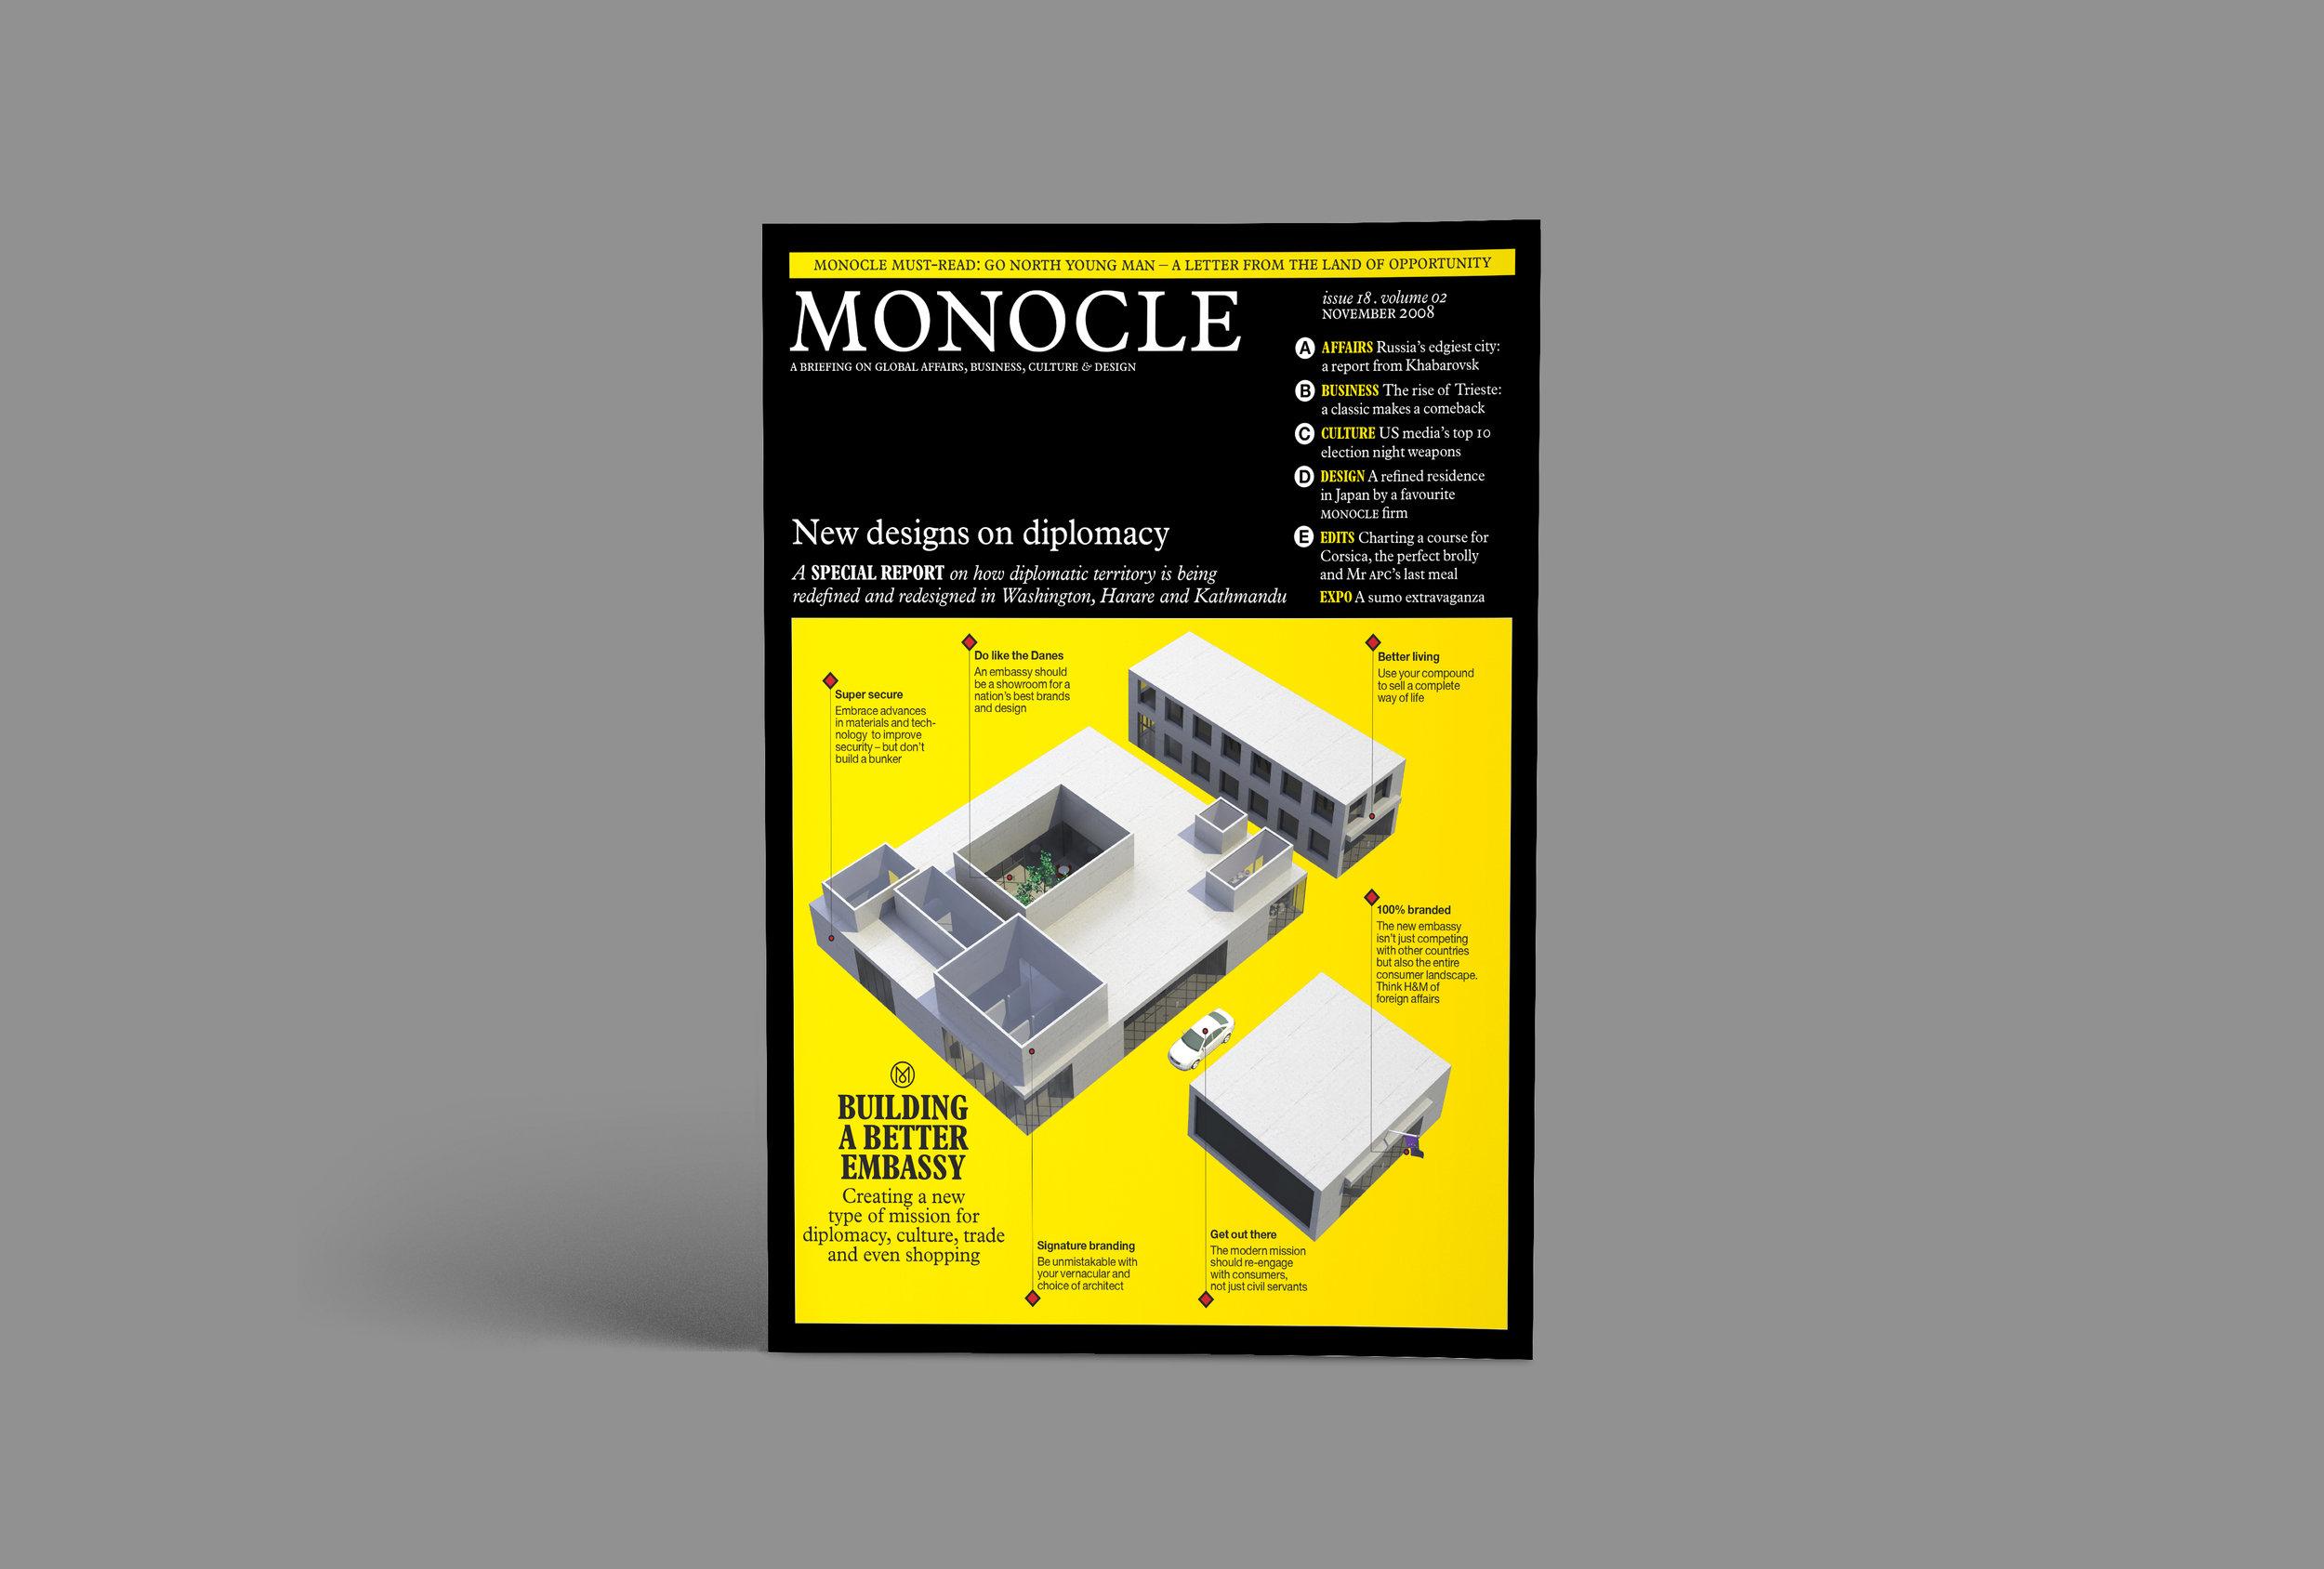 Anders Nord_Monocle_1.jpg